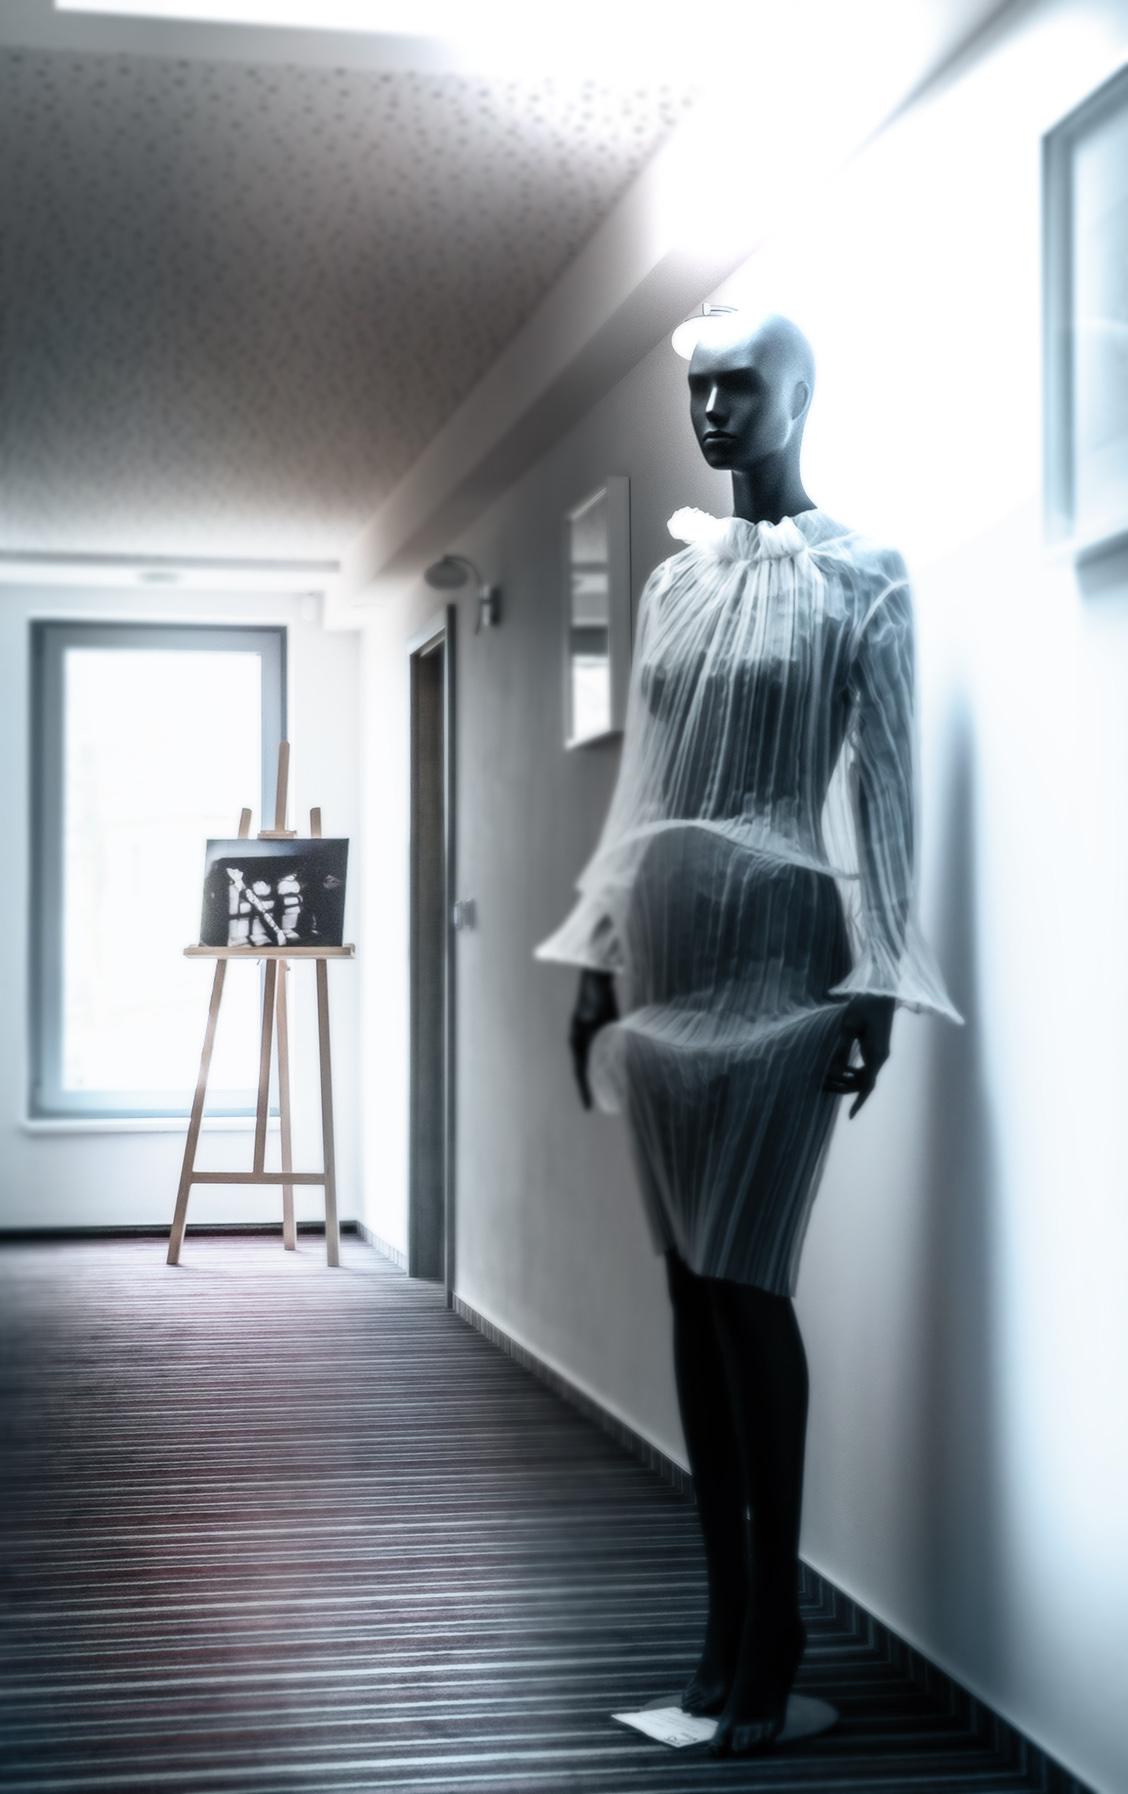 instalace k otevření hotelu Koruna v Chlumci nad Cidlinou art & photo by ashaadox